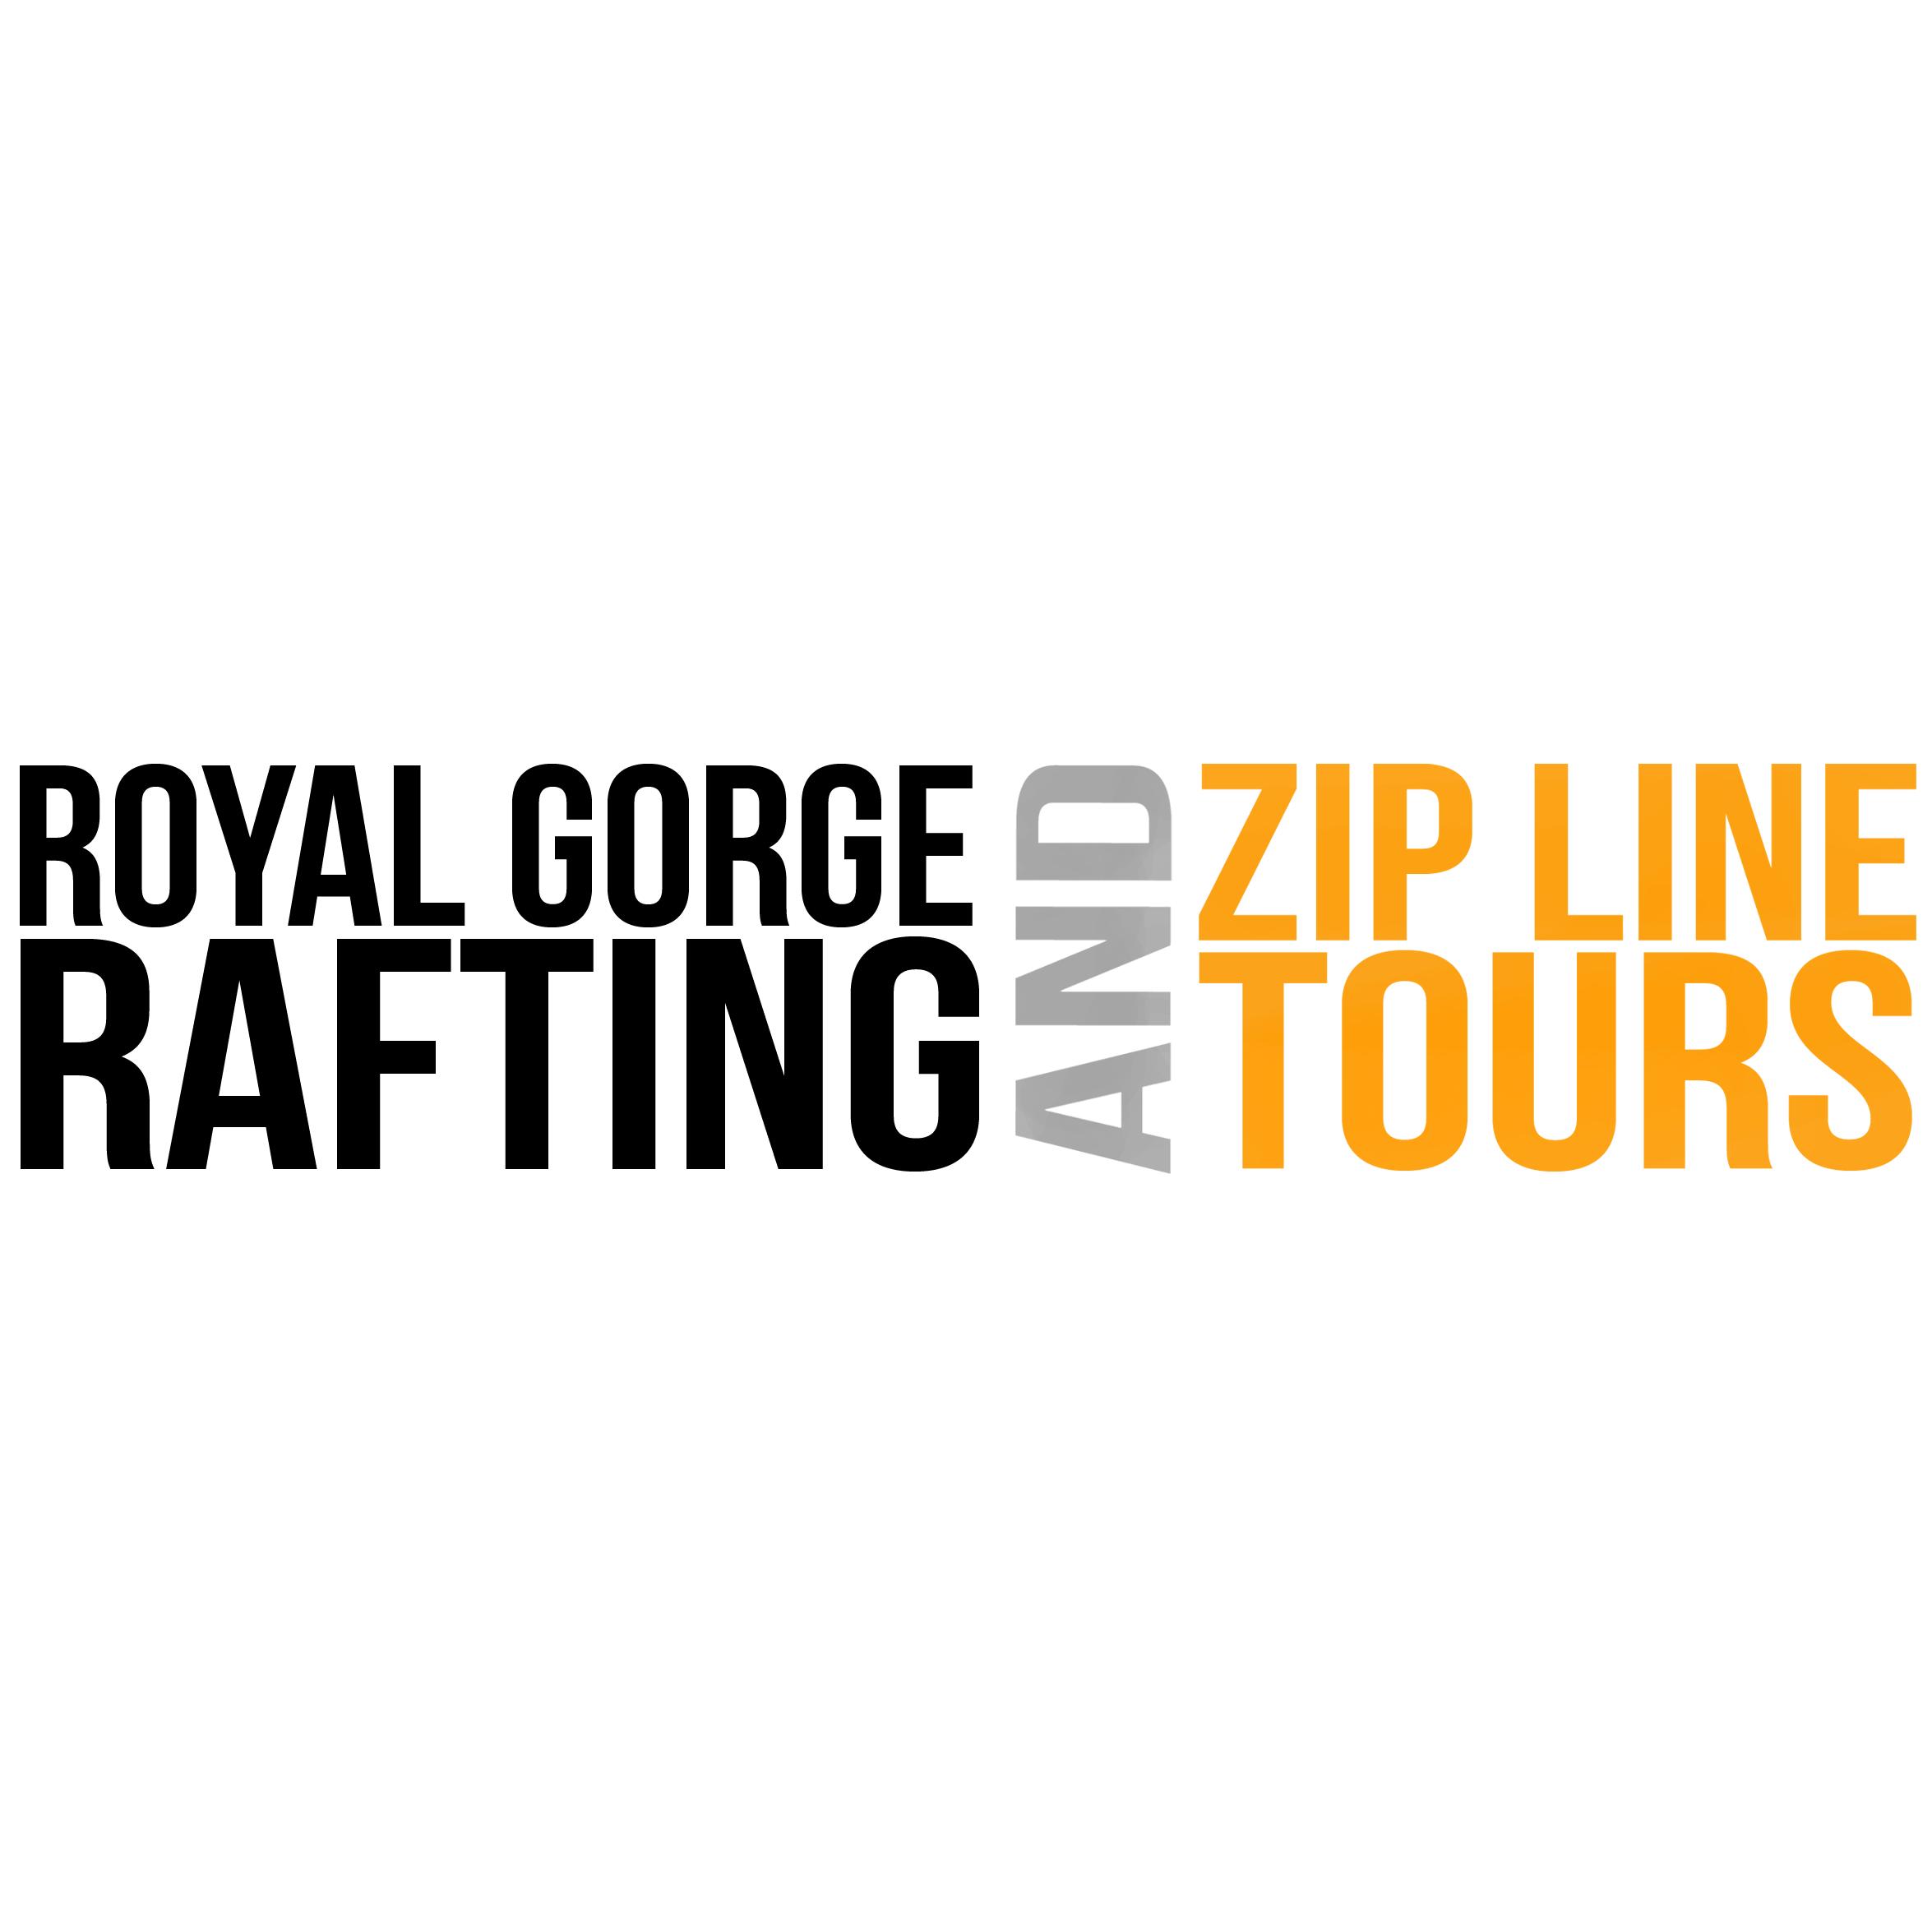 Royal Gorge Rafting Tours image 0